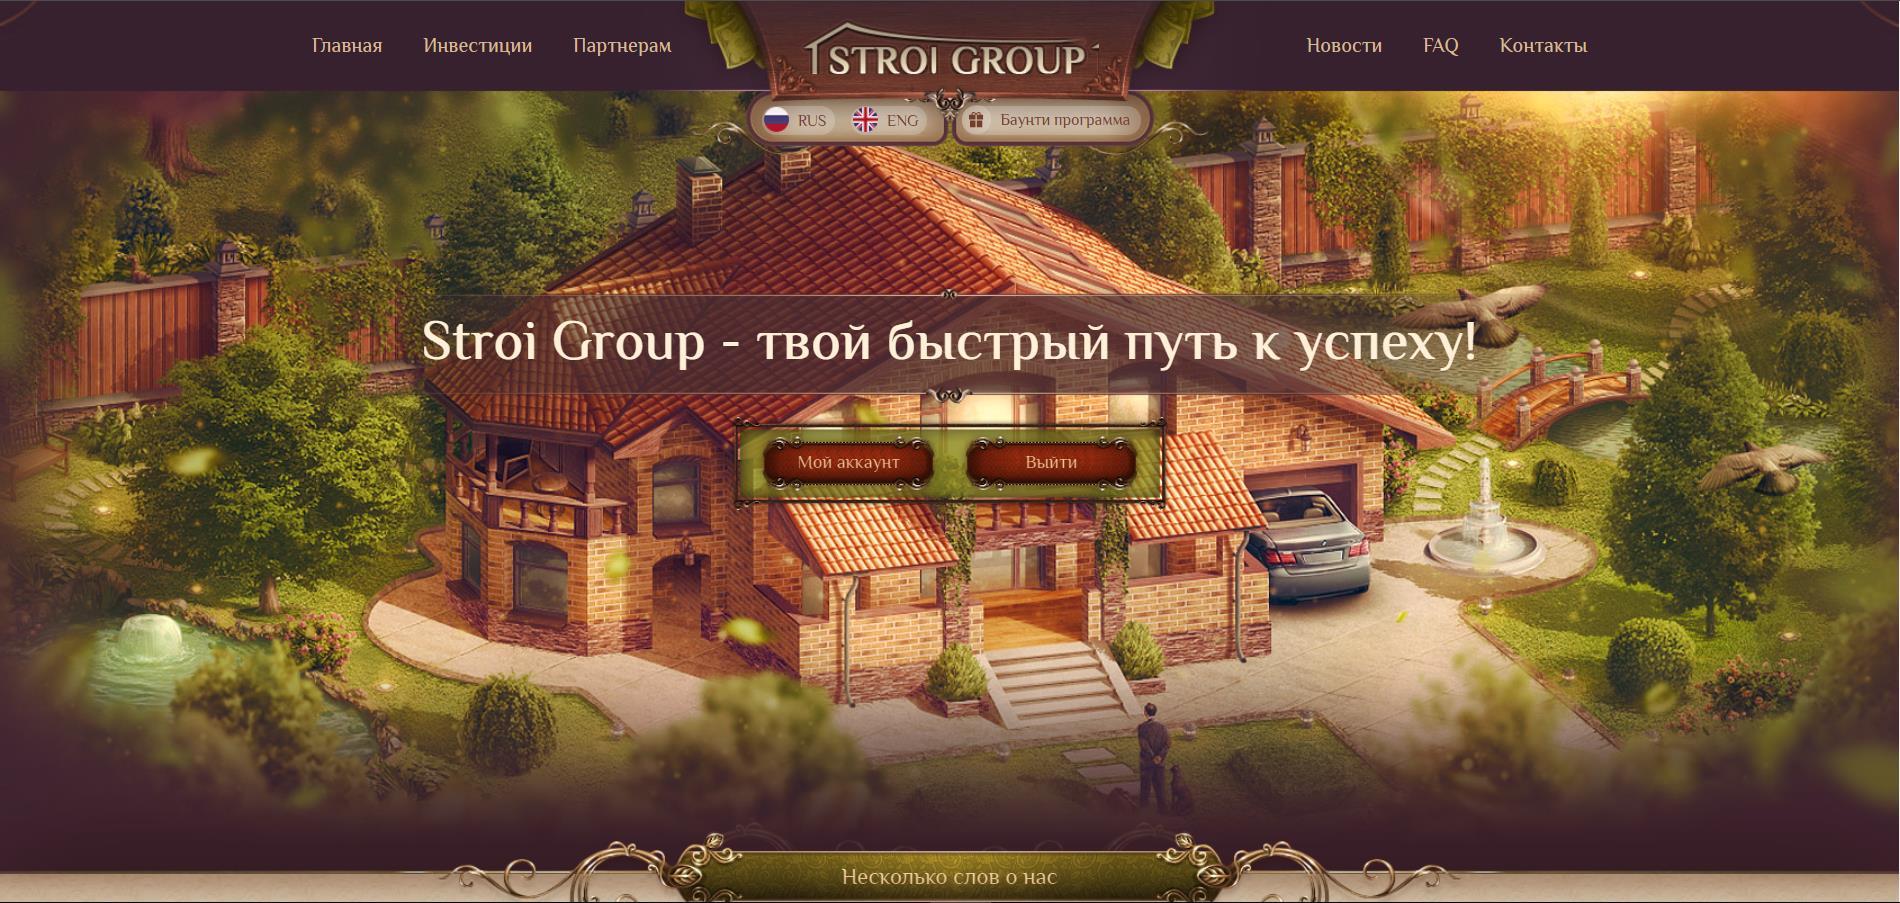 Stroi Group